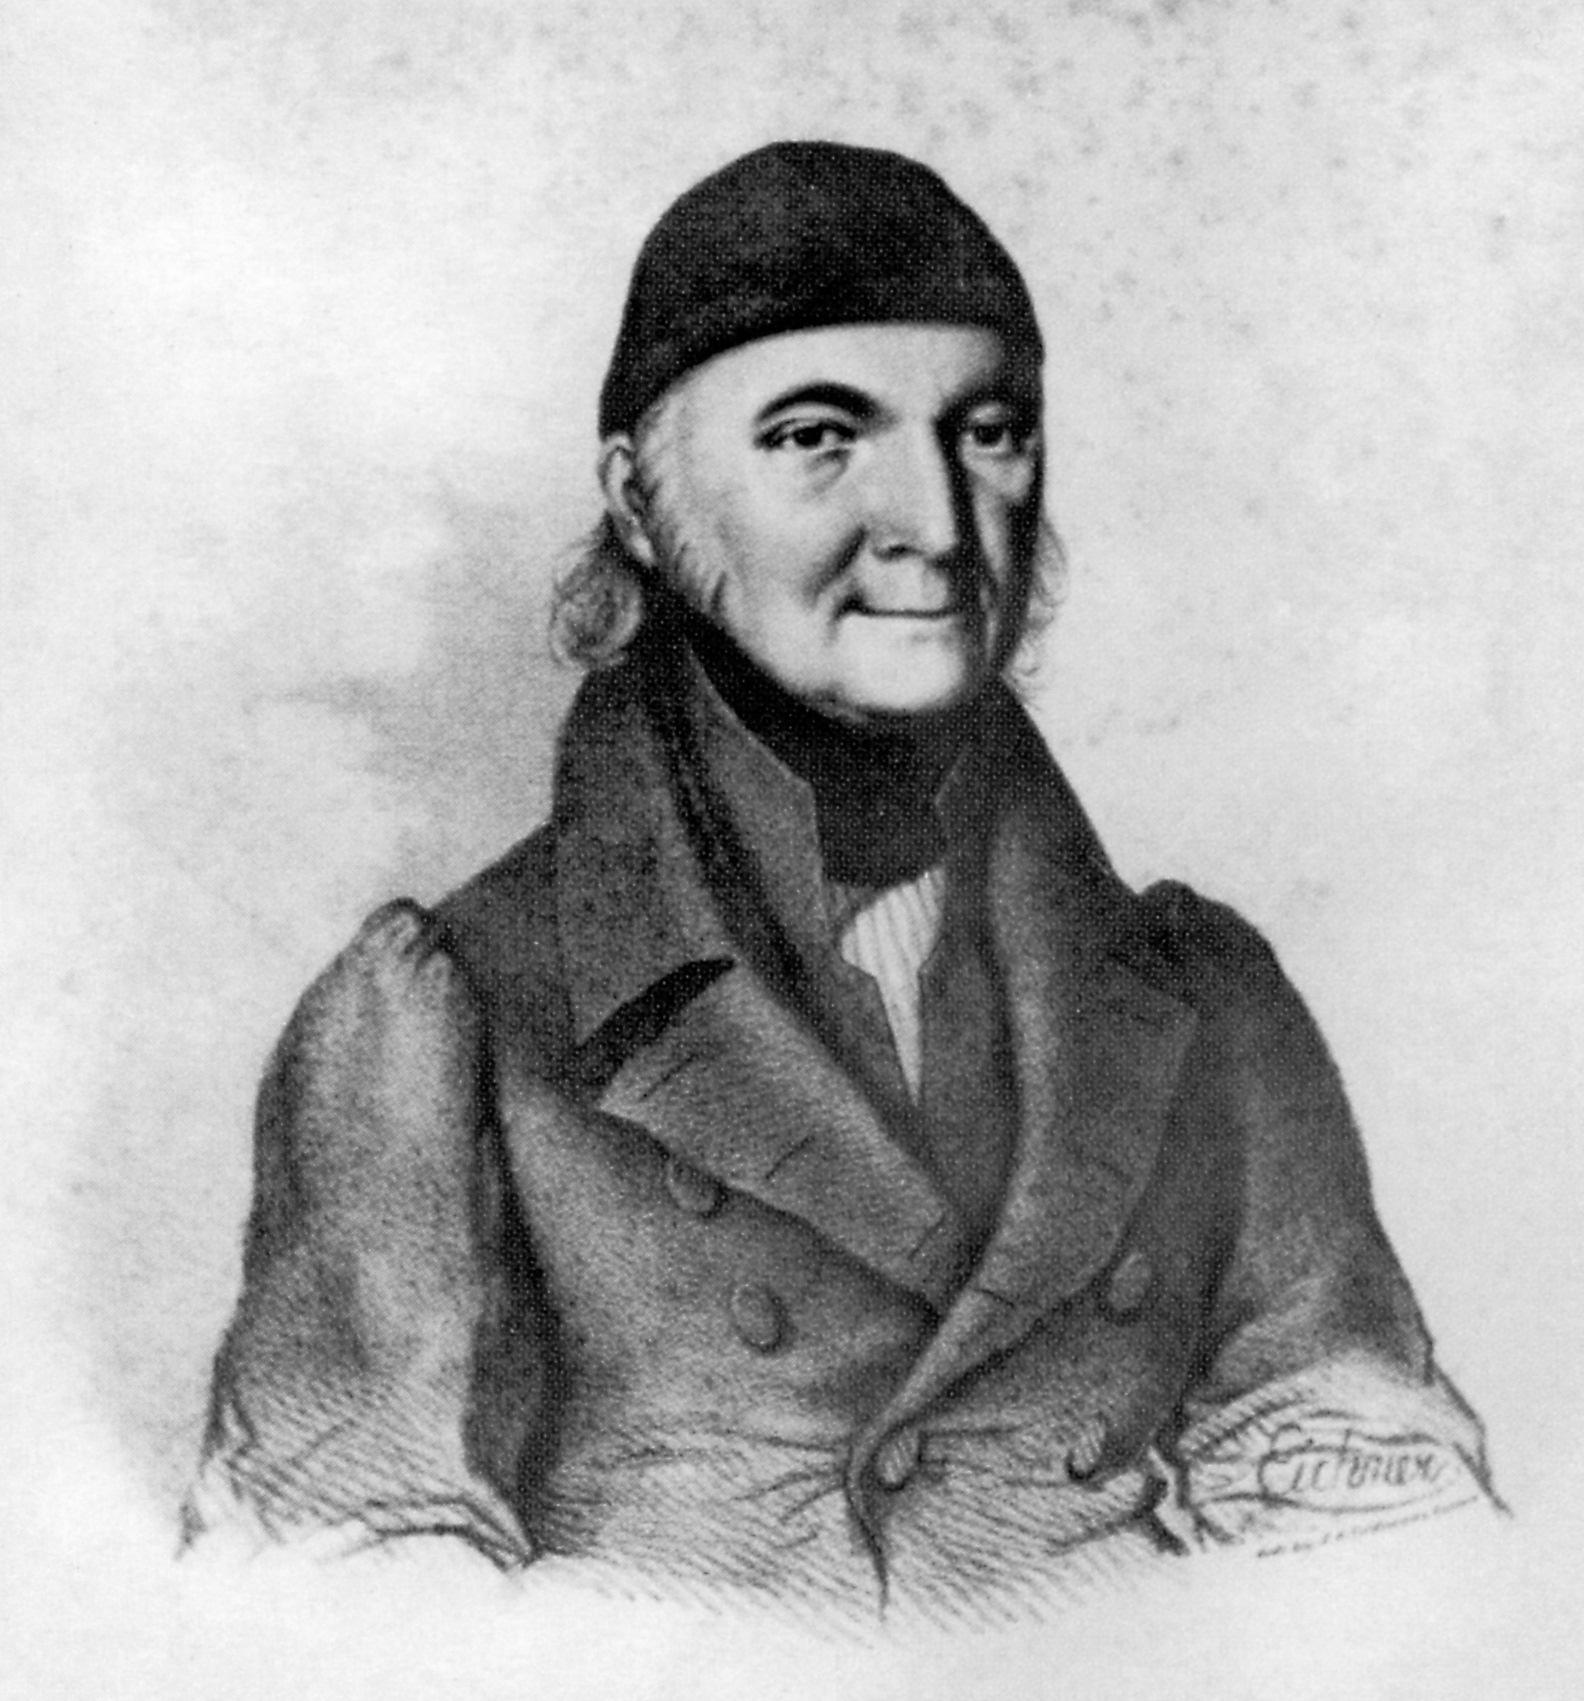 Heinrich Gustav Flörke